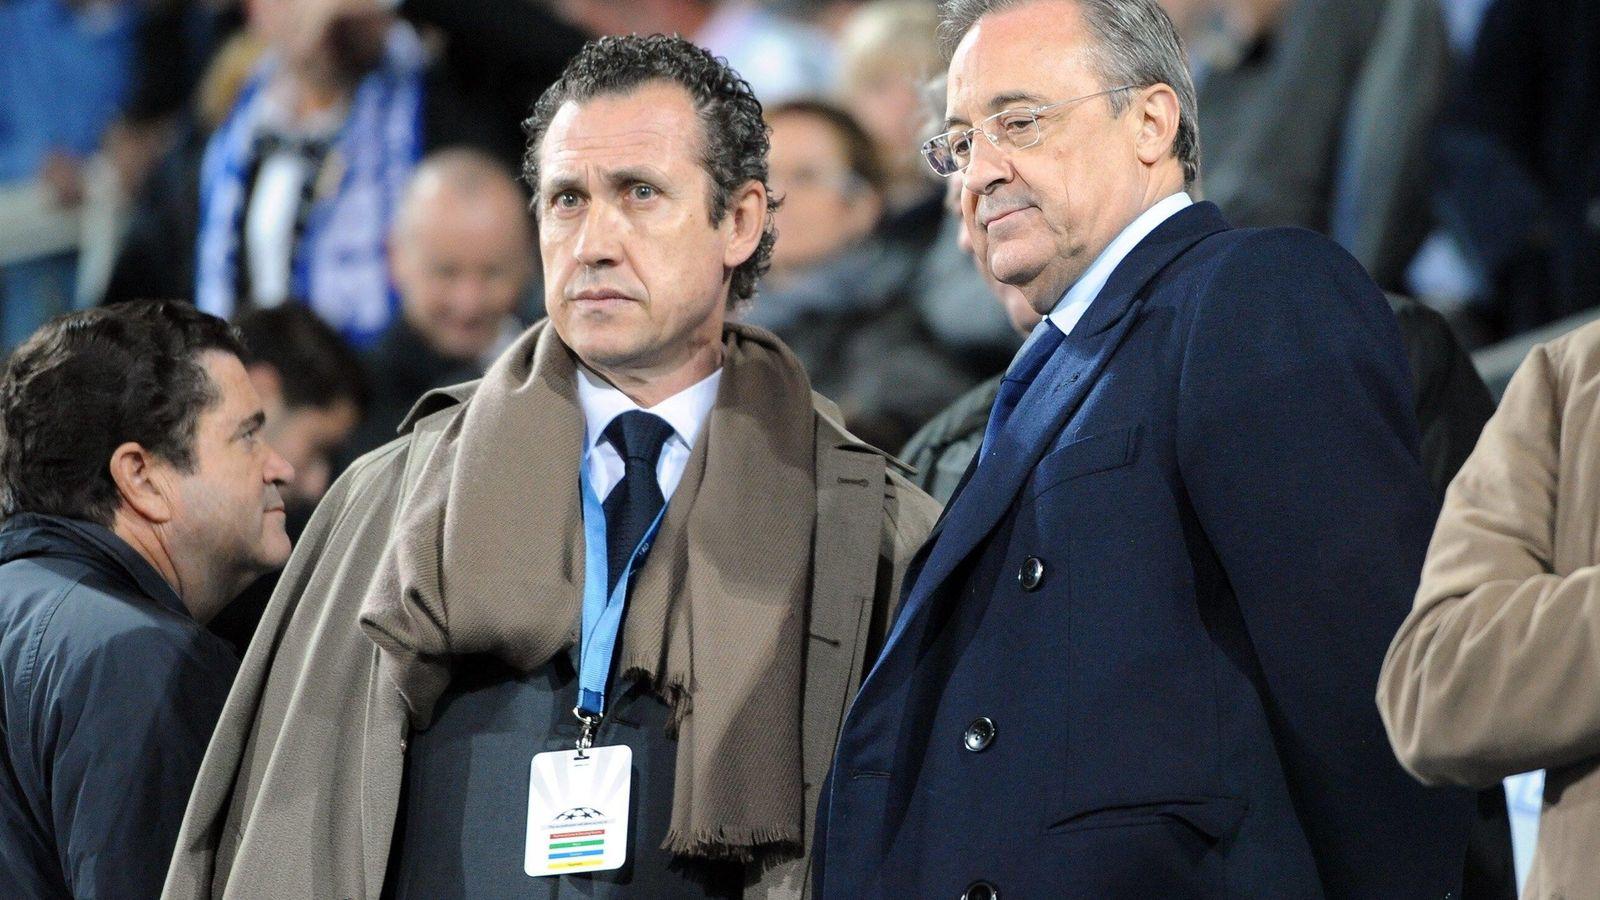 Foto: En la imagen, Jorge Valdano junto a Florentino Pérez. (Imago)